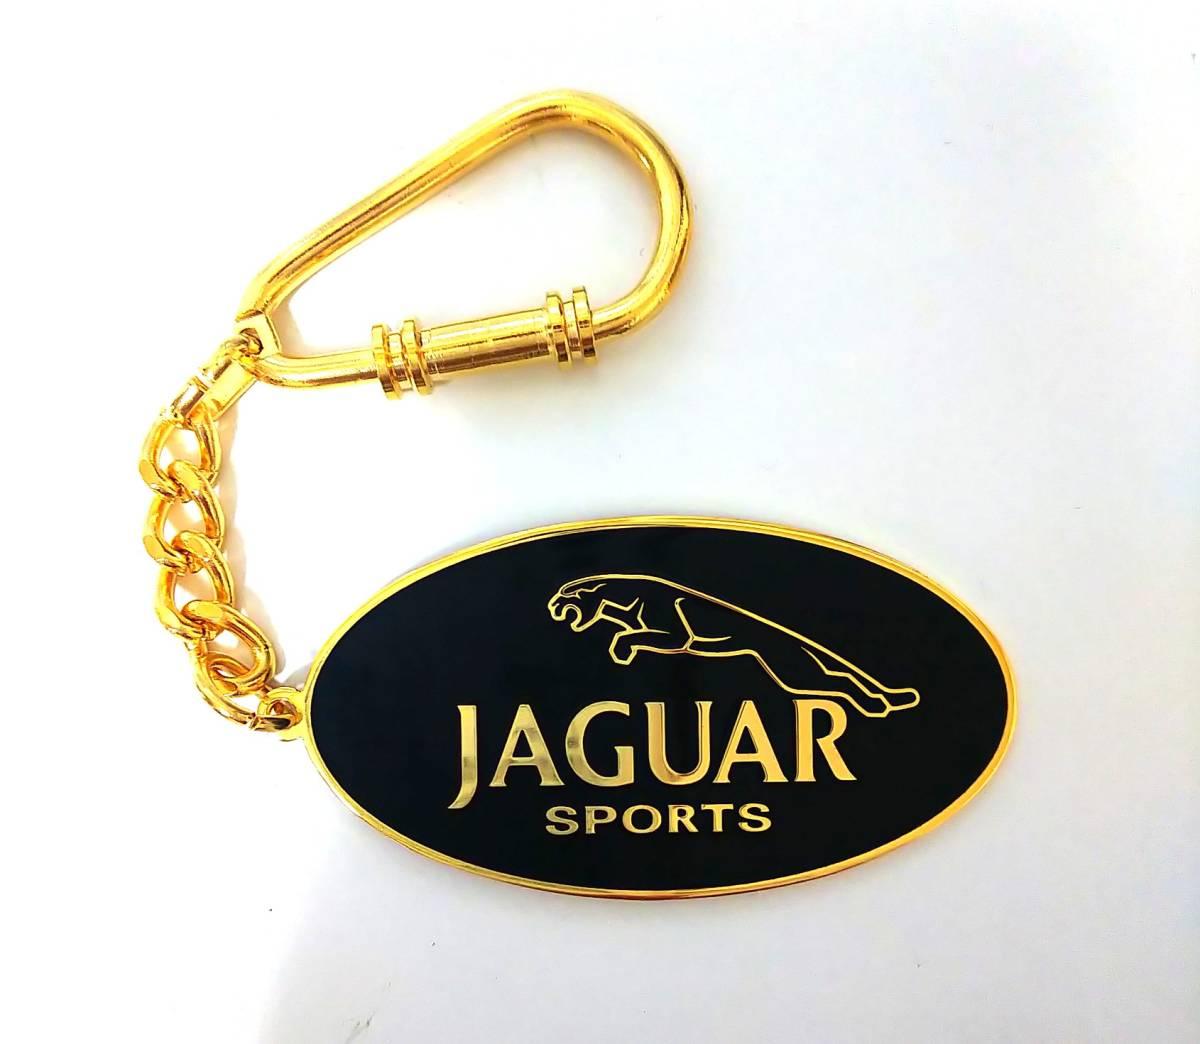 JAGUAR SPORTS ジャガー スポーツ キーホルダー_画像3